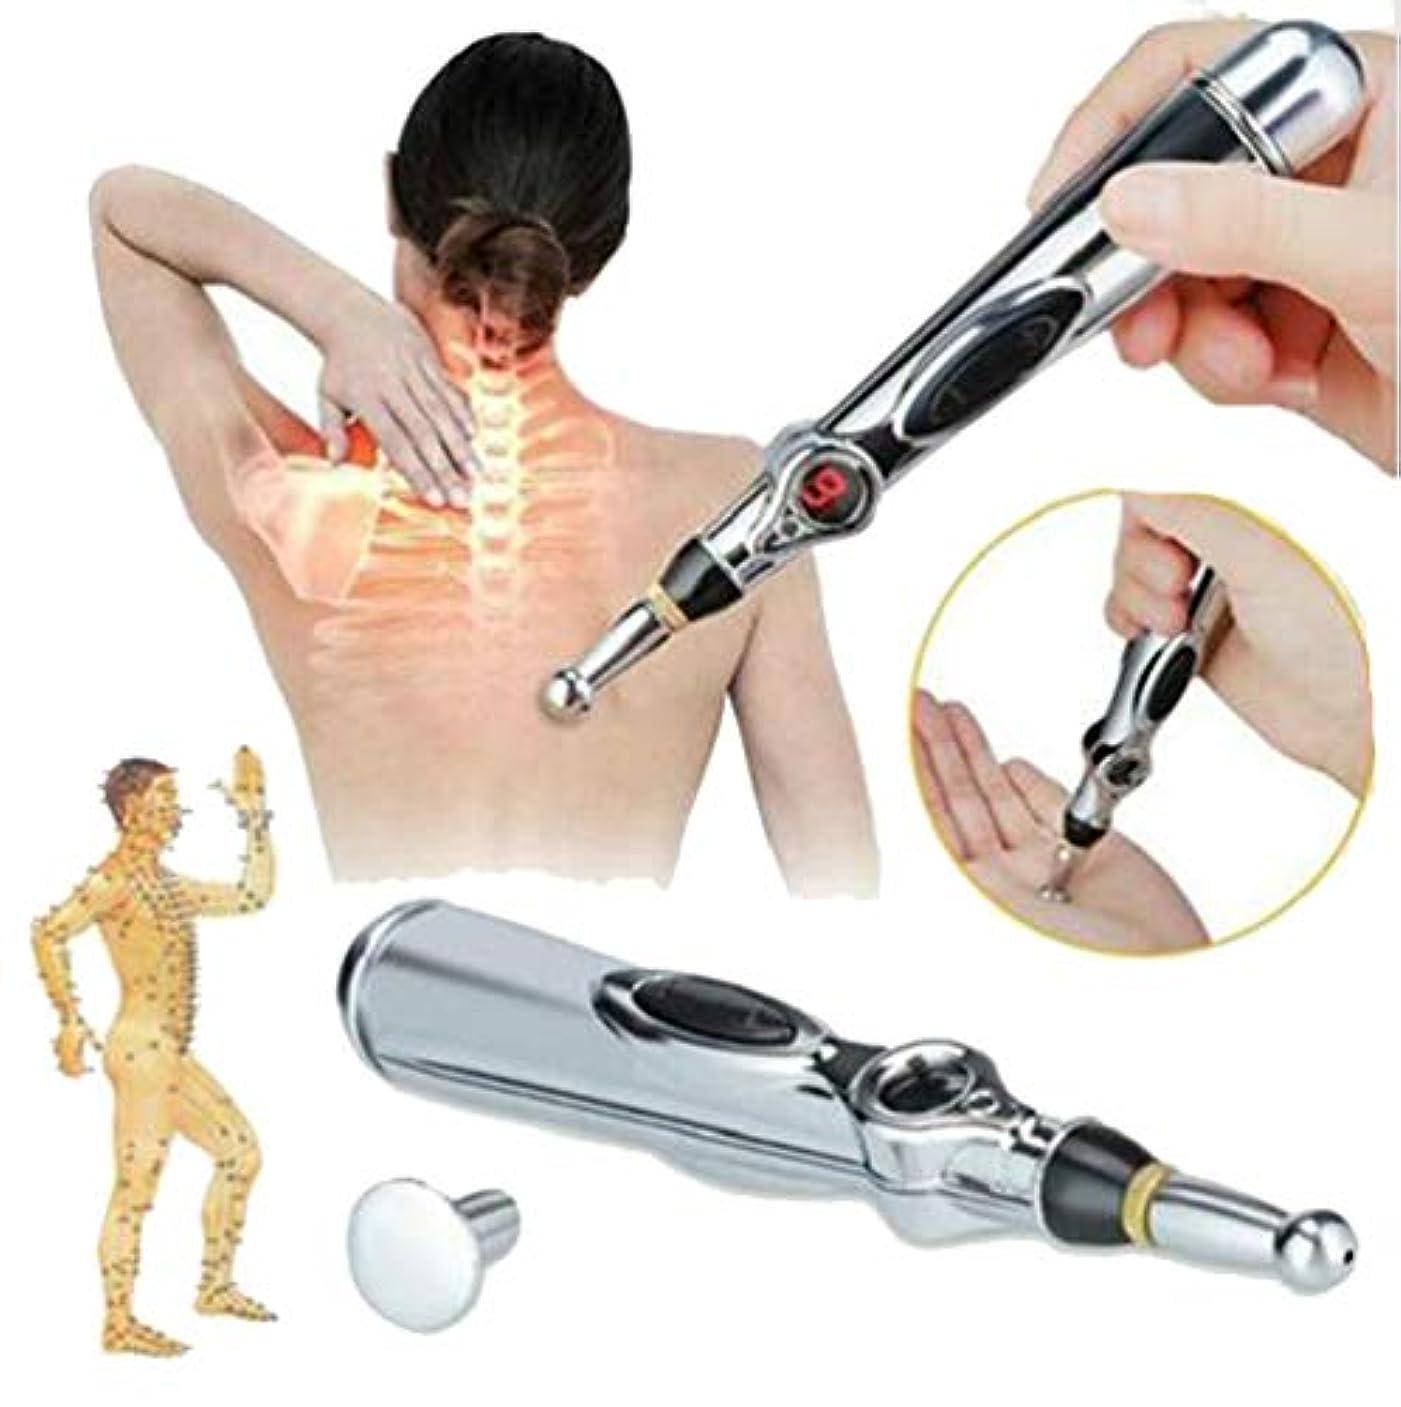 知覚するクラウドカブ電子鍼ペン経絡レーザー鍼灸器マグネットマッサージャー家庭用医療器